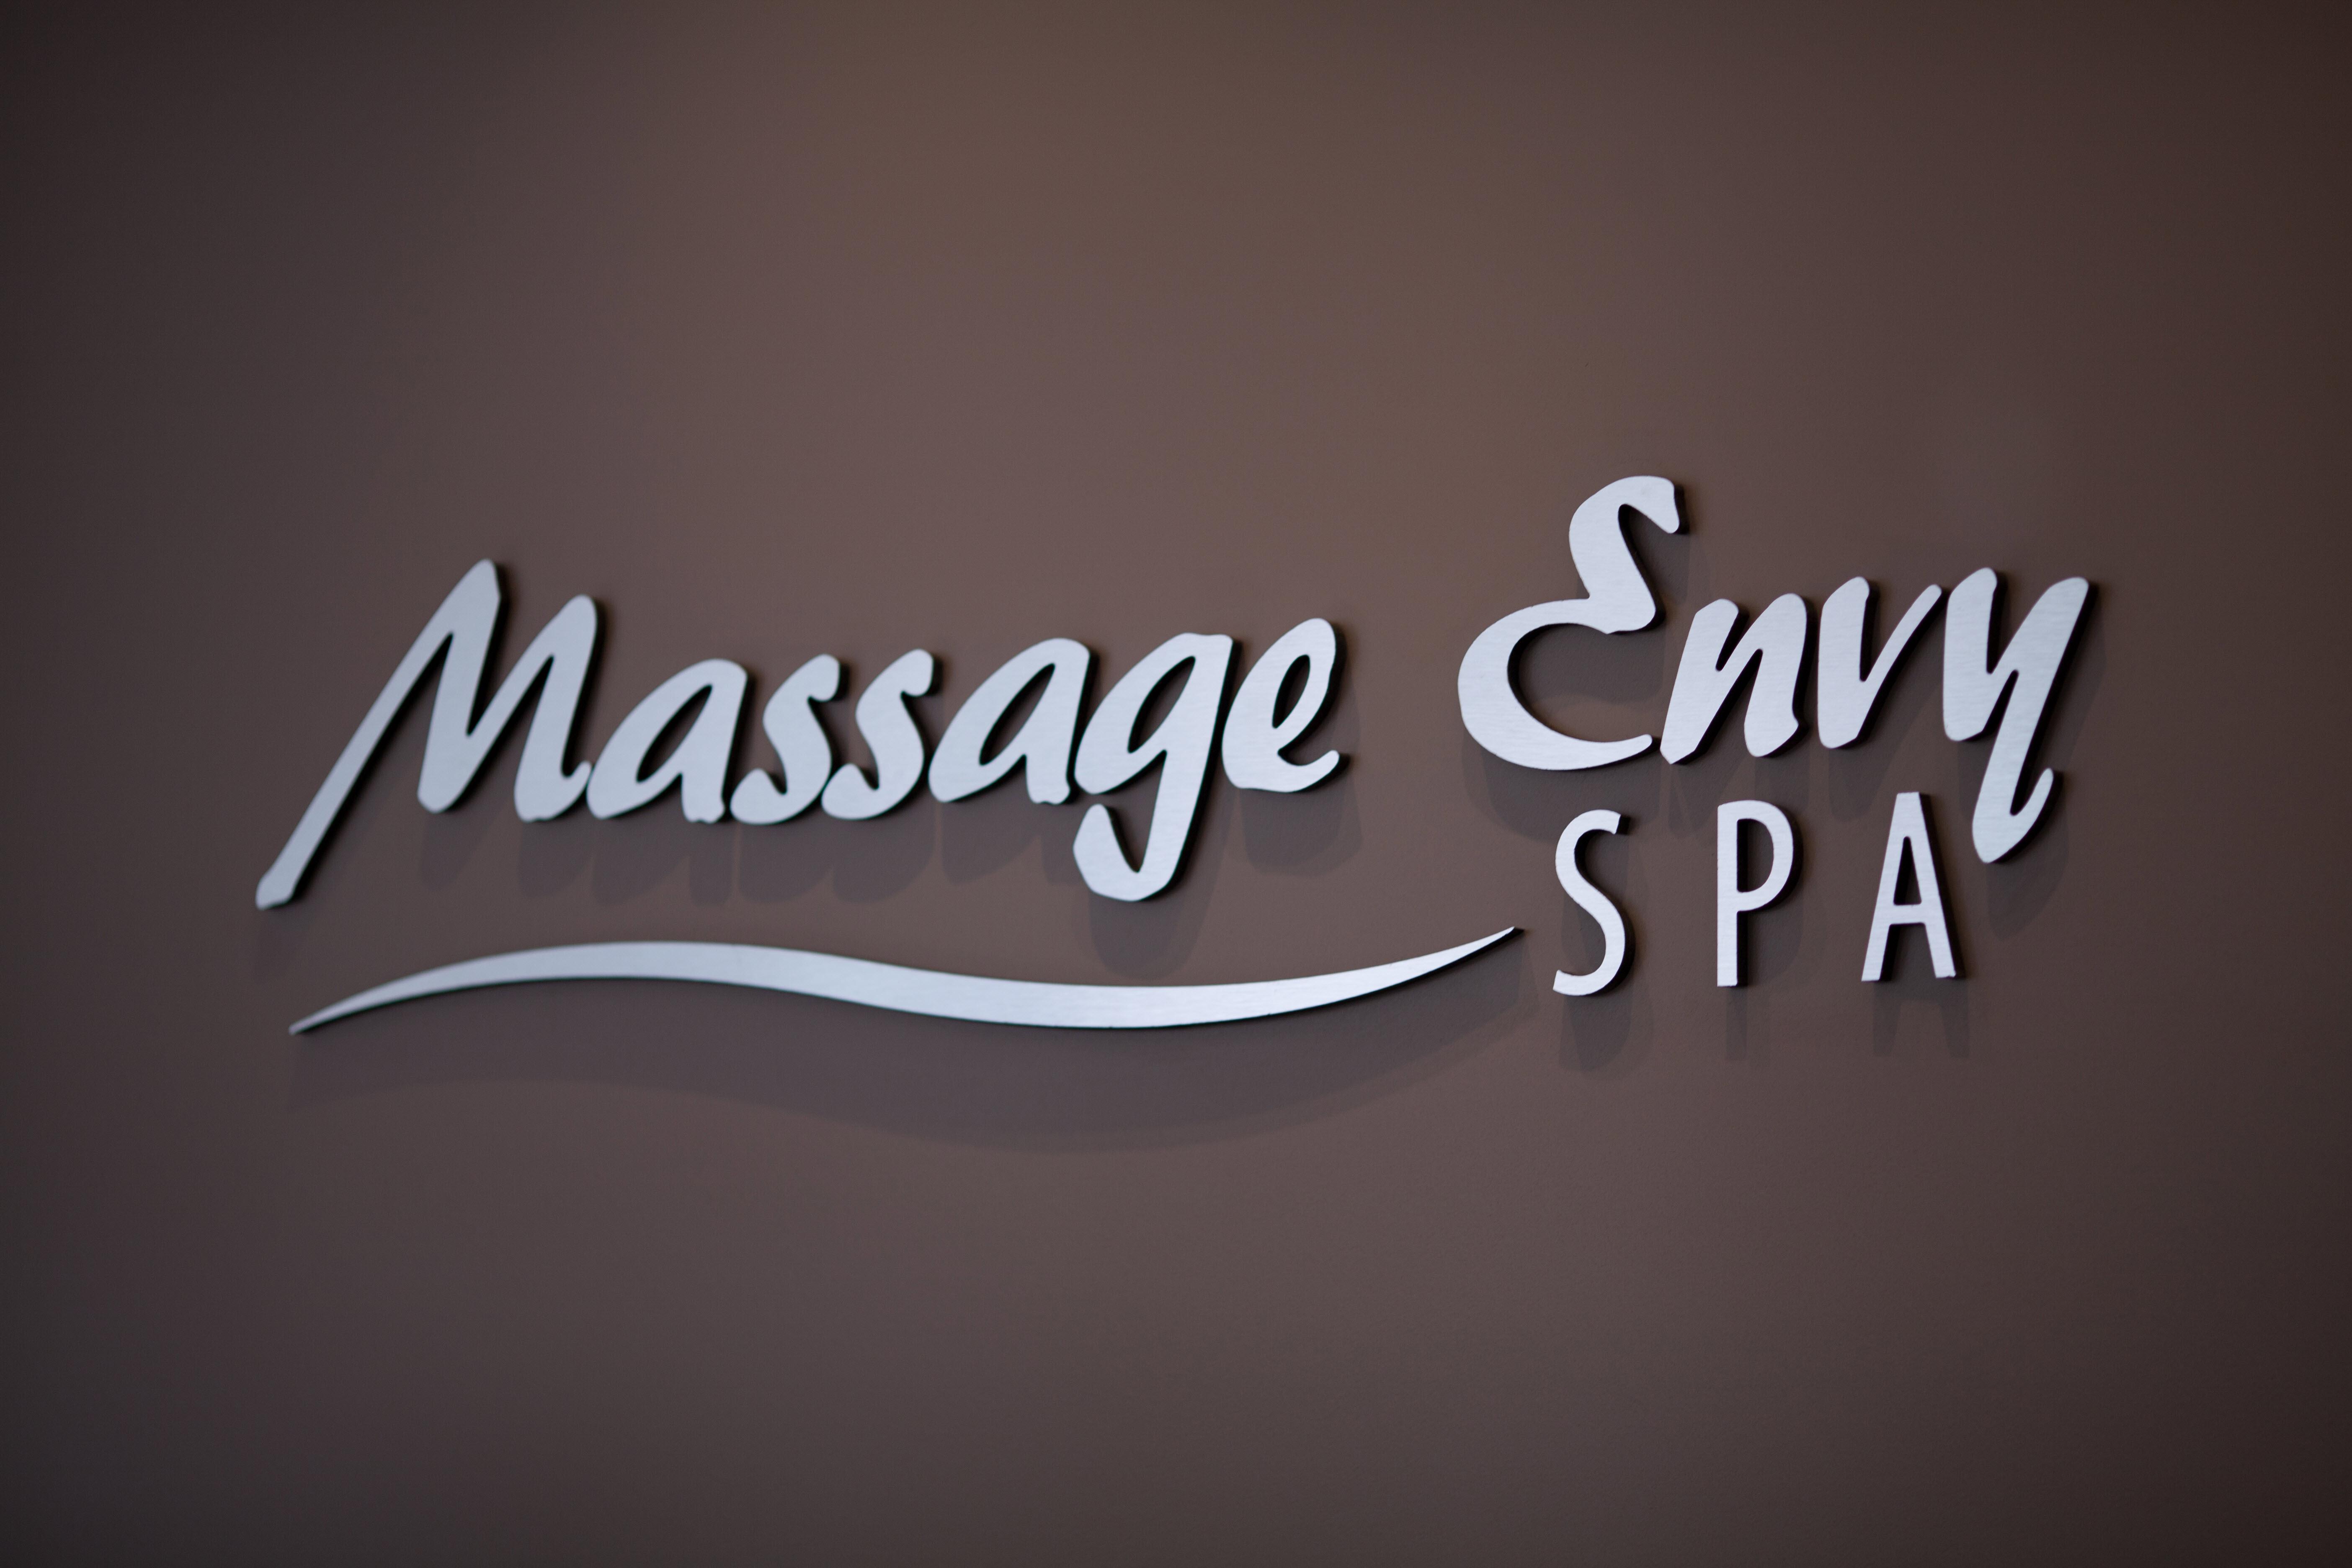 Massage Envy Spa - Fayetteville